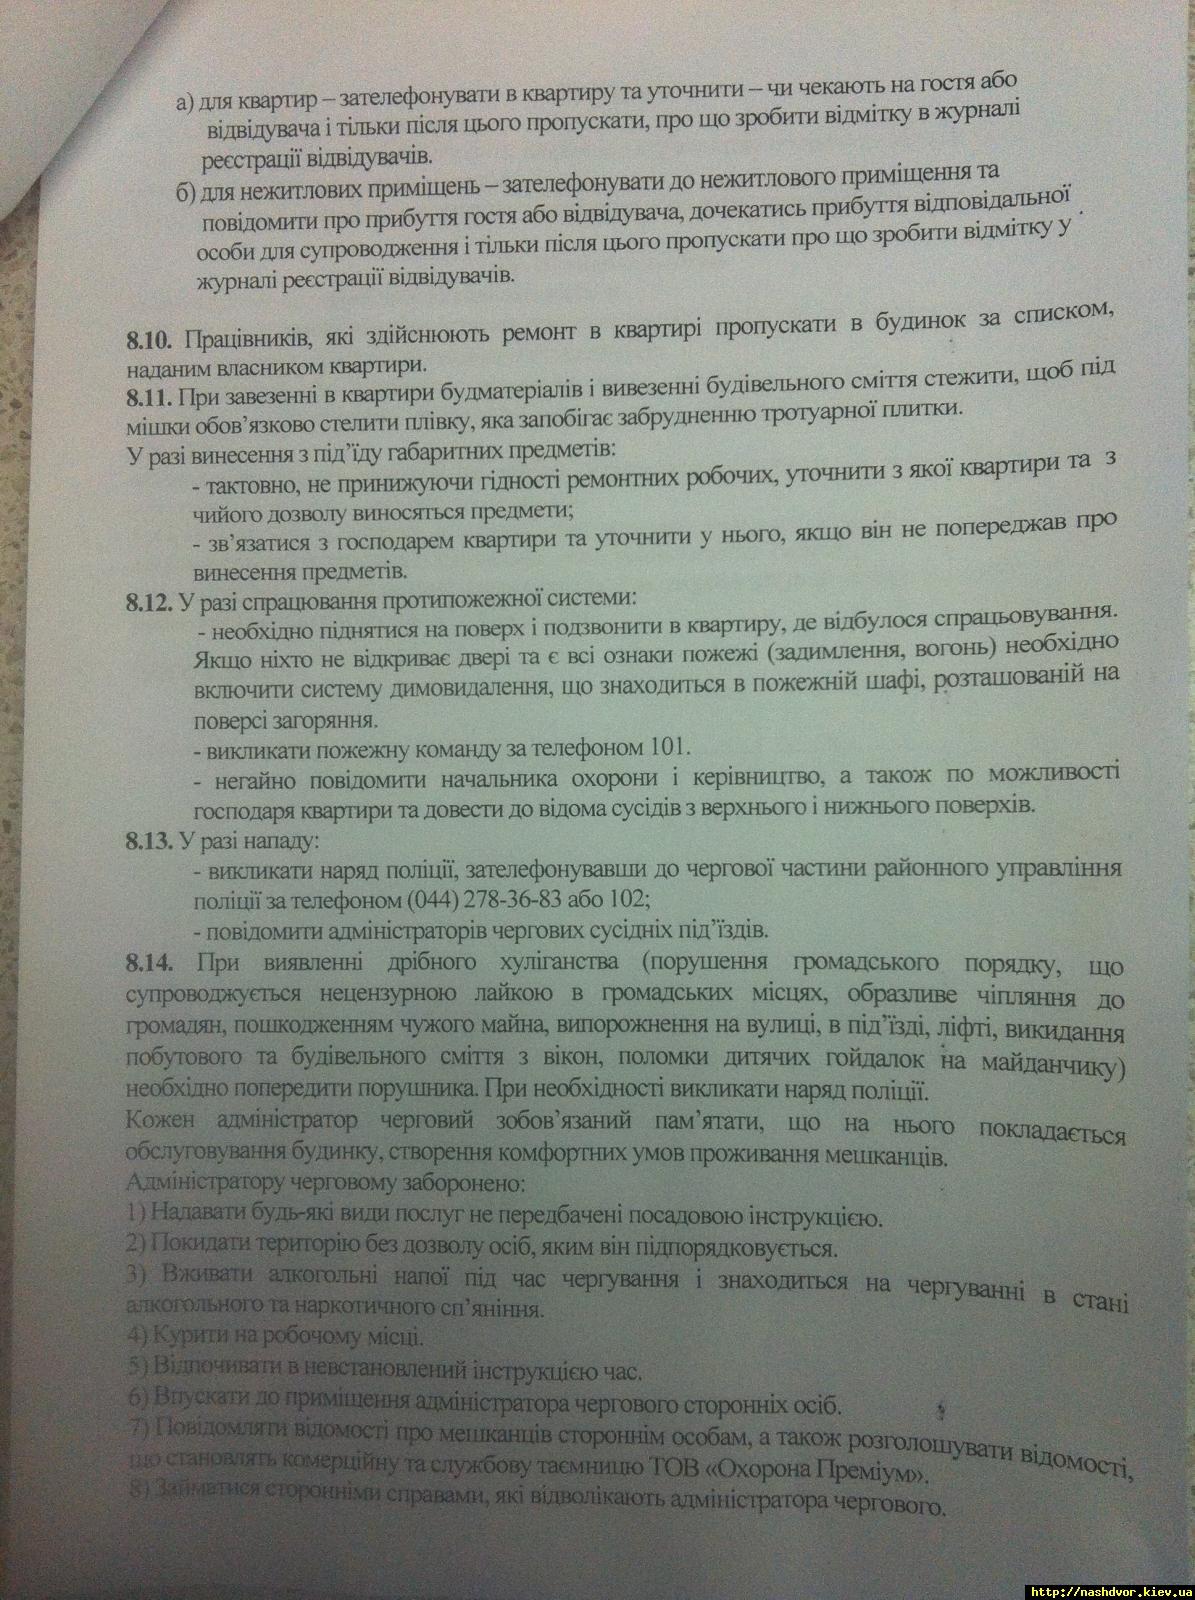 Должностная инструкция - 3.JPG